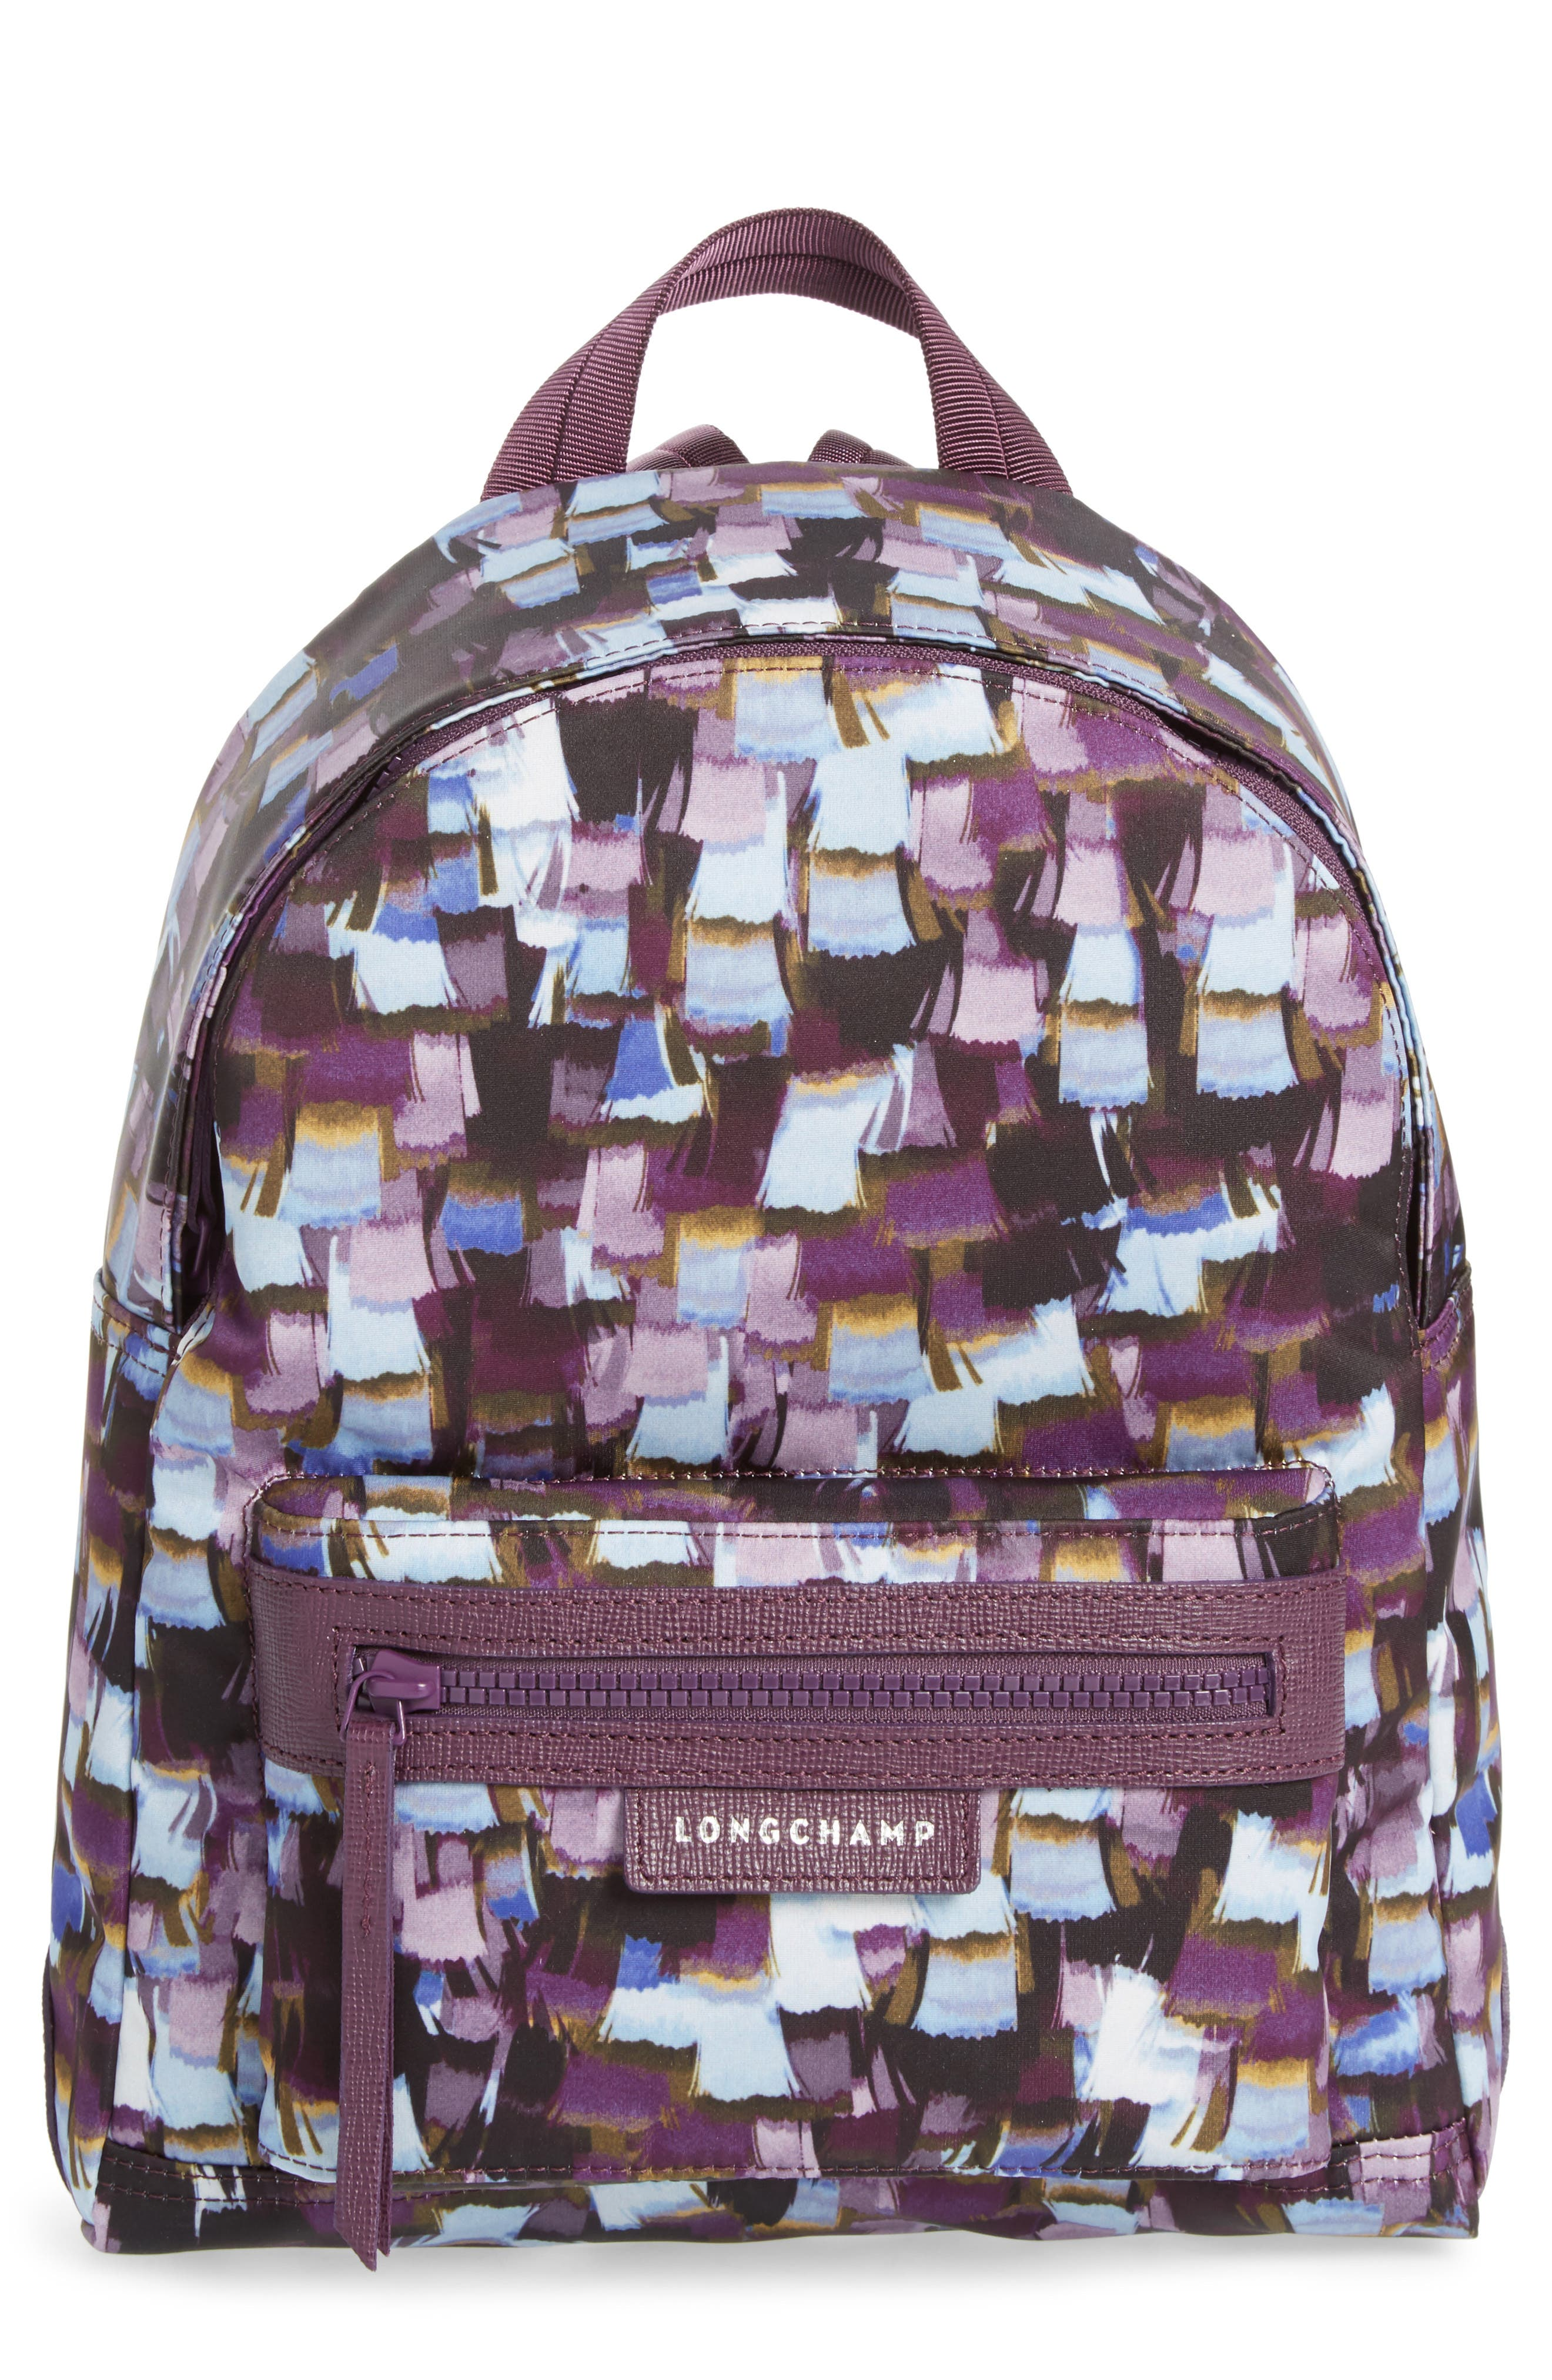 Le Pliage Neo - Vibrations Nylon Backpack,                         Main,                         color, 500